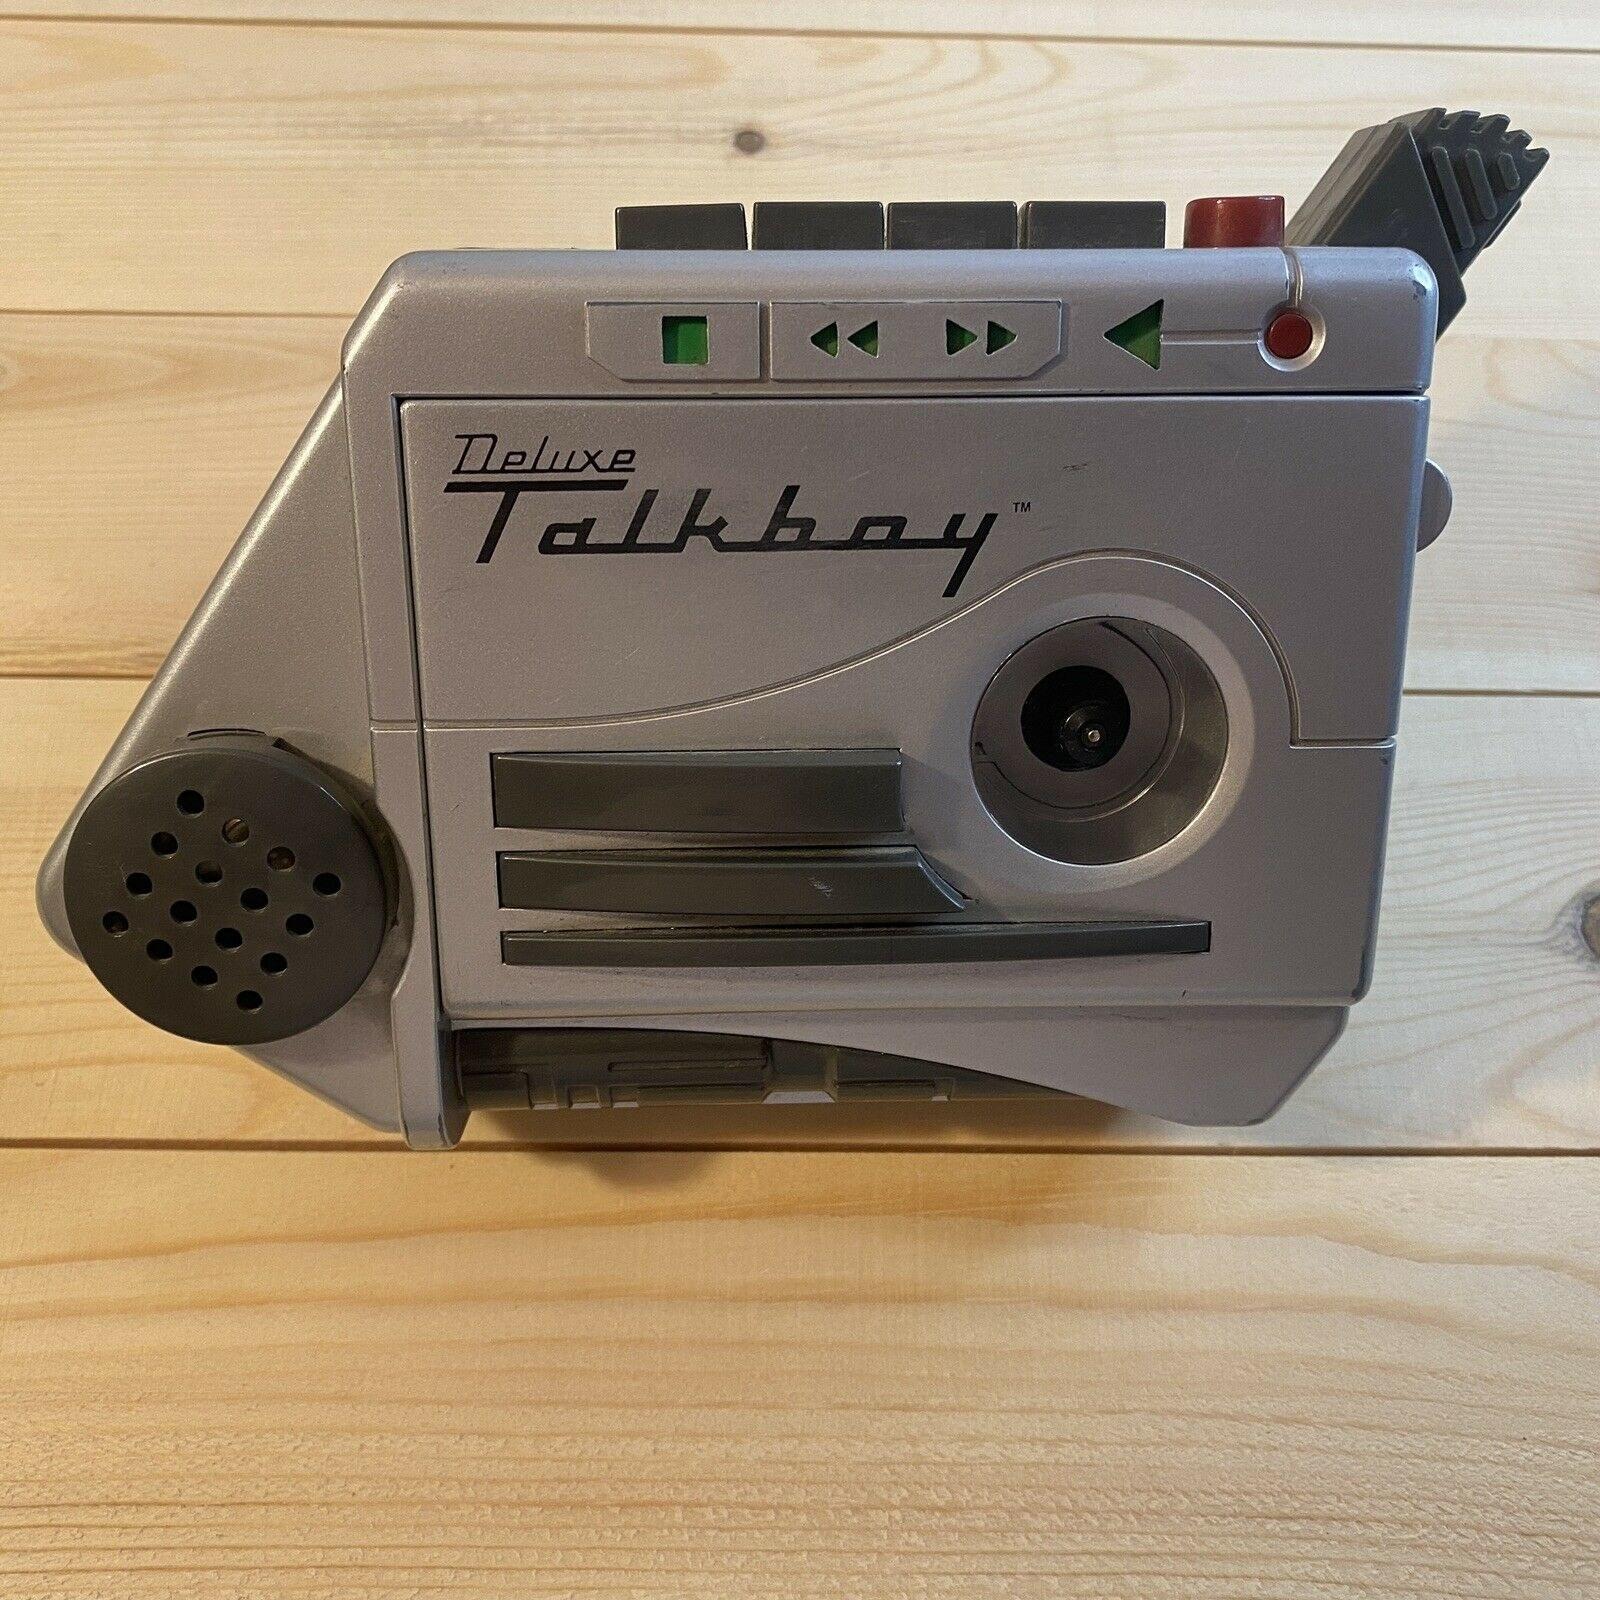 a talkboy on a table